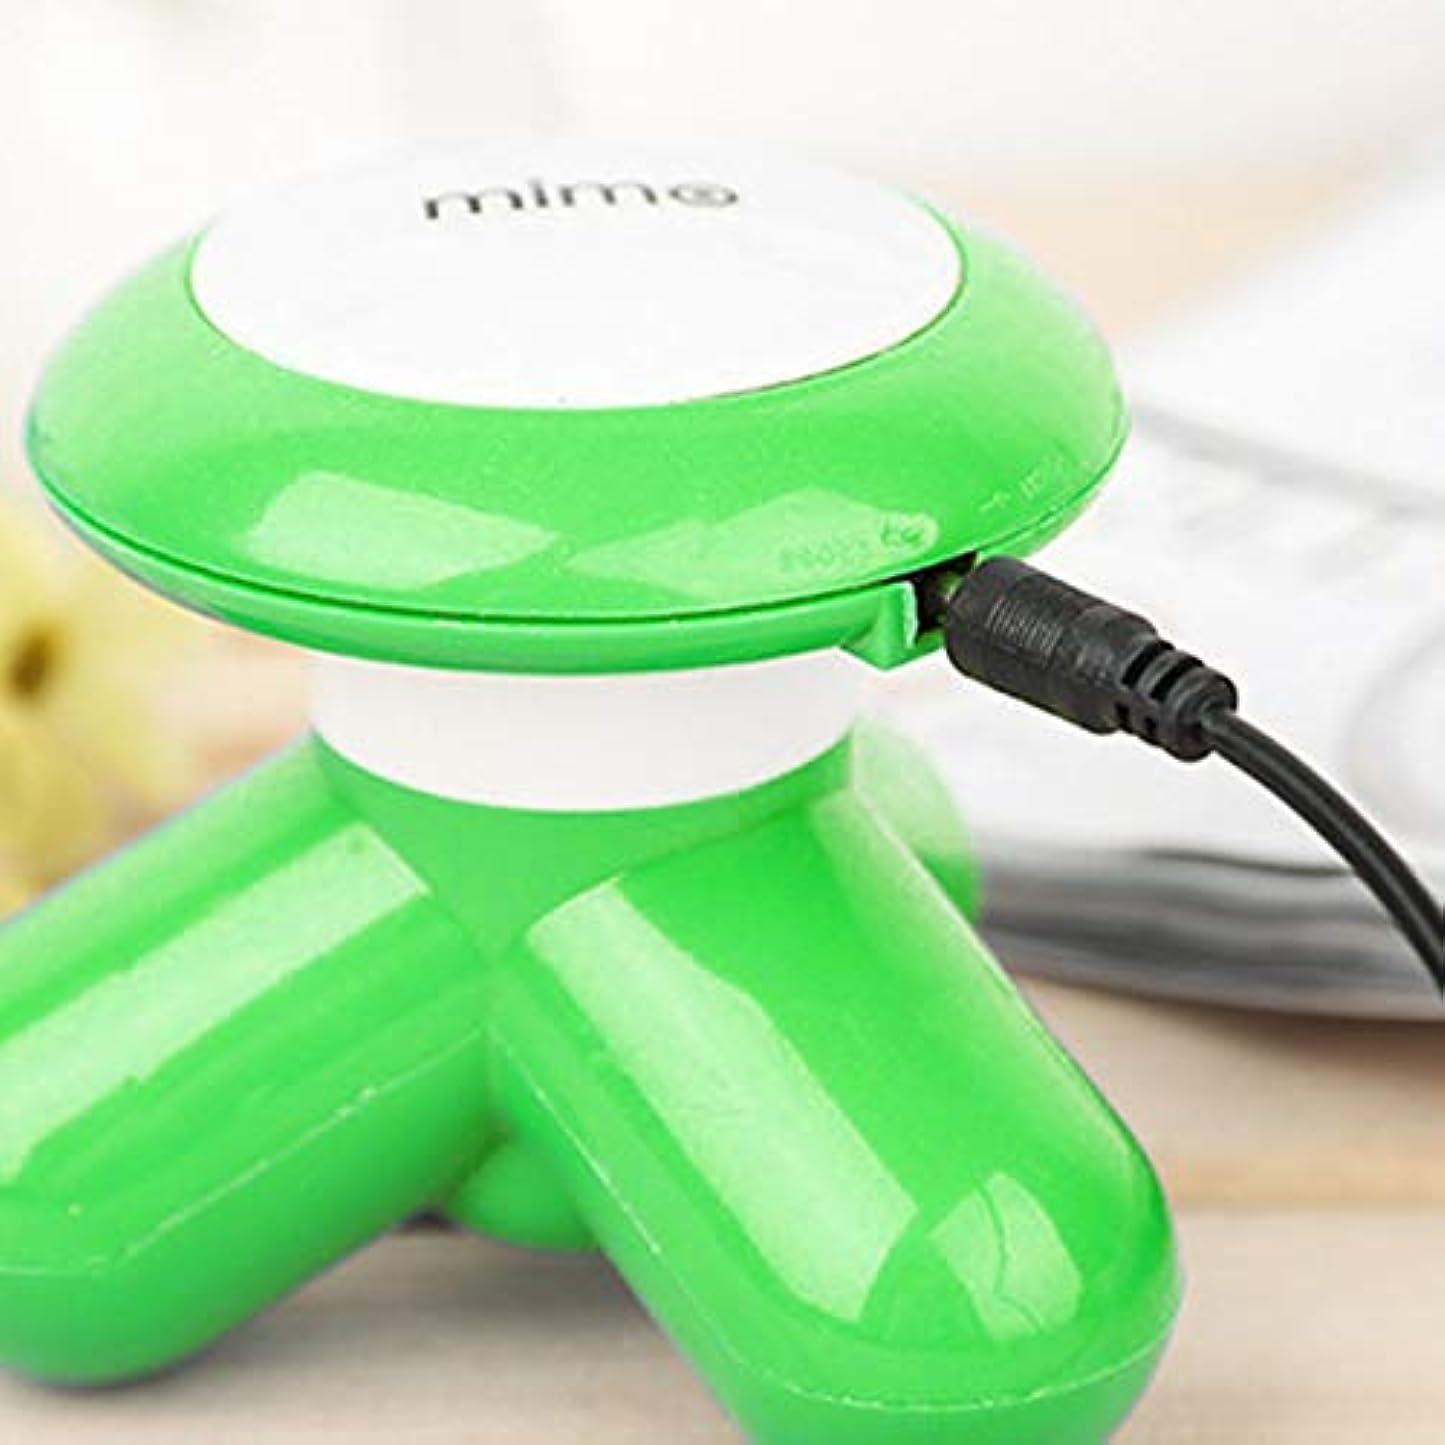 領収書茎バトルPortable Size Lightweight Electric Massager Handheld Pain Relief Relaxation Aid Back Neck Body Massager Best Gift